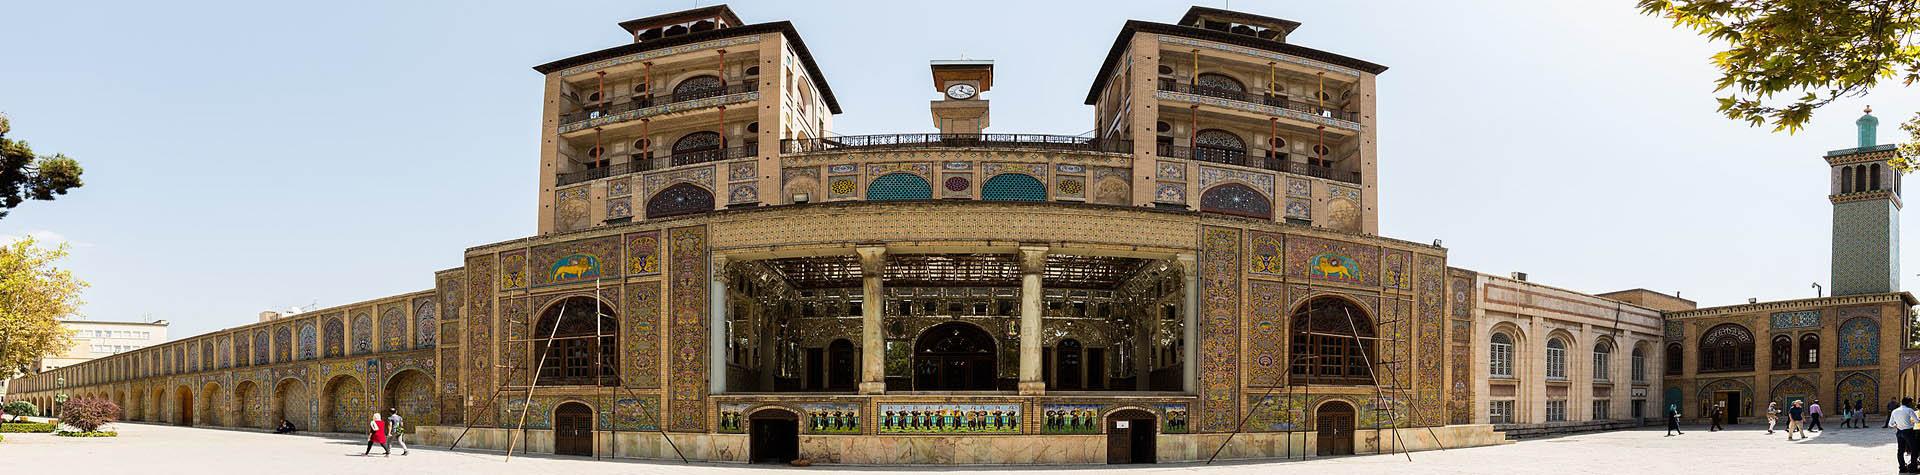 Shams Ol-Emareh-Golestan Palace-Tehran